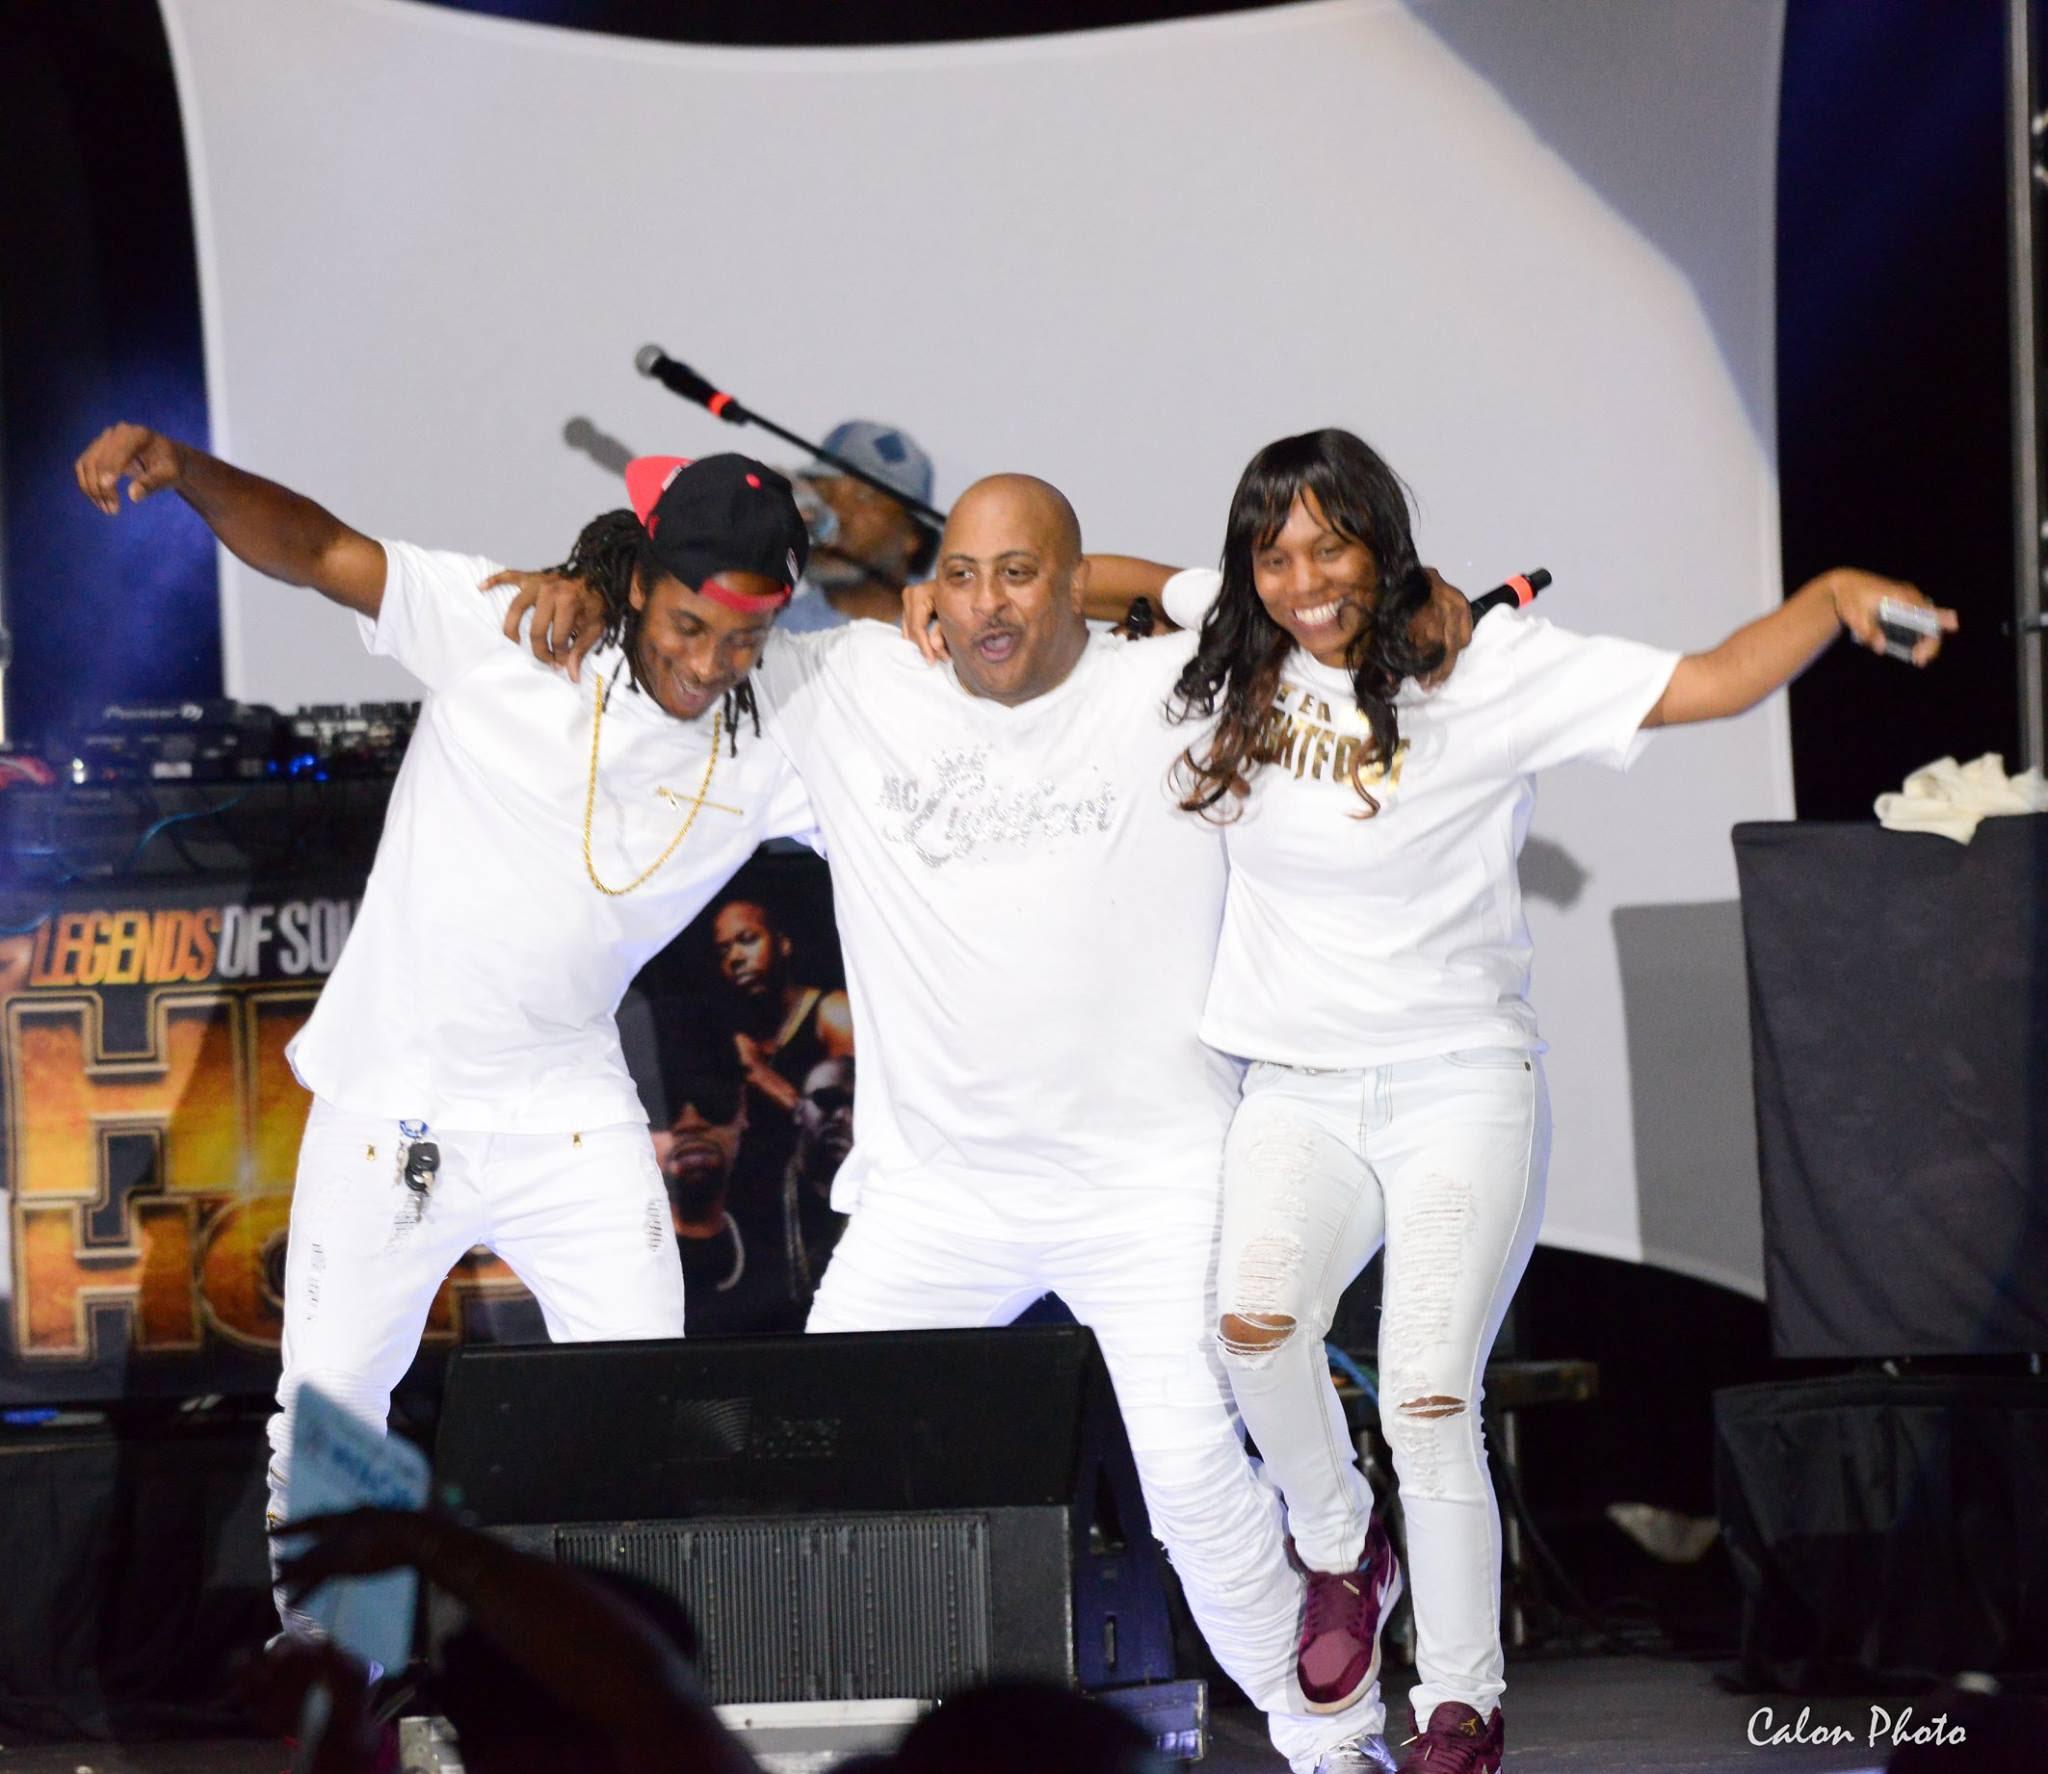 14-MC-Lightfoot-and-children-Legends-of-Southern-Hip-Hop-7-29-17.jpg